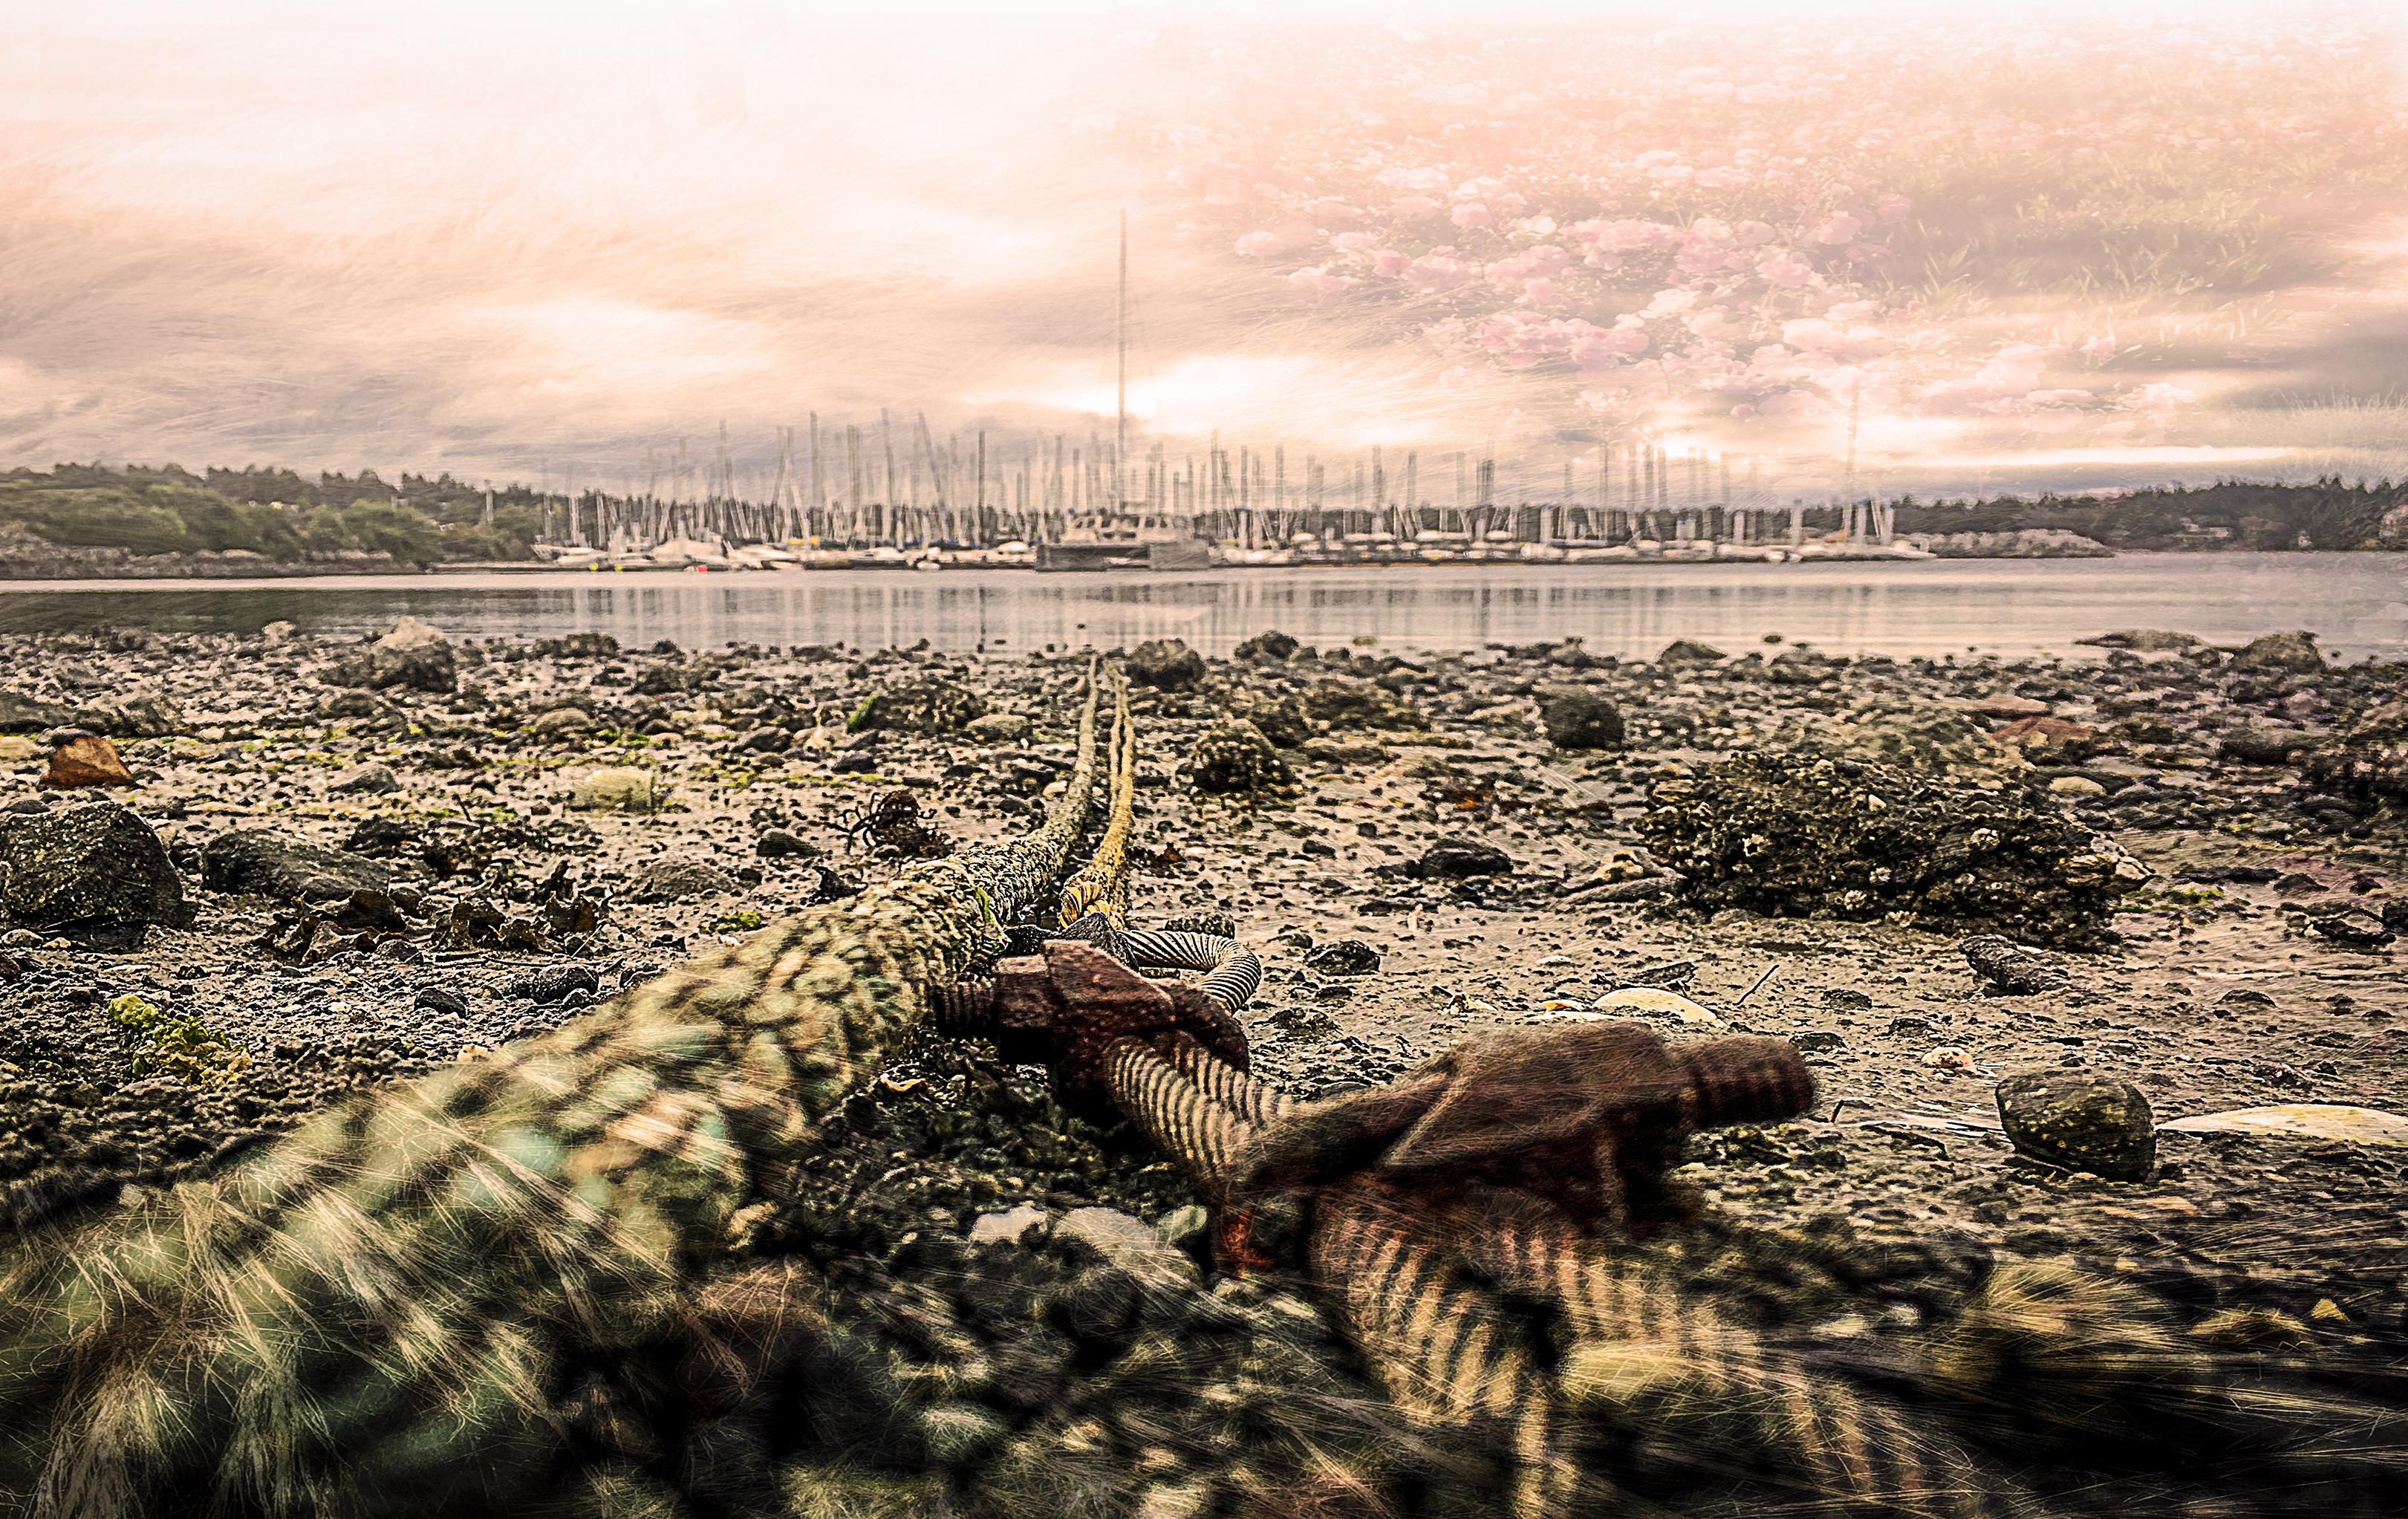 Sfondi Oceano Rosa Mare Rose Cielo Sole Alga Marina